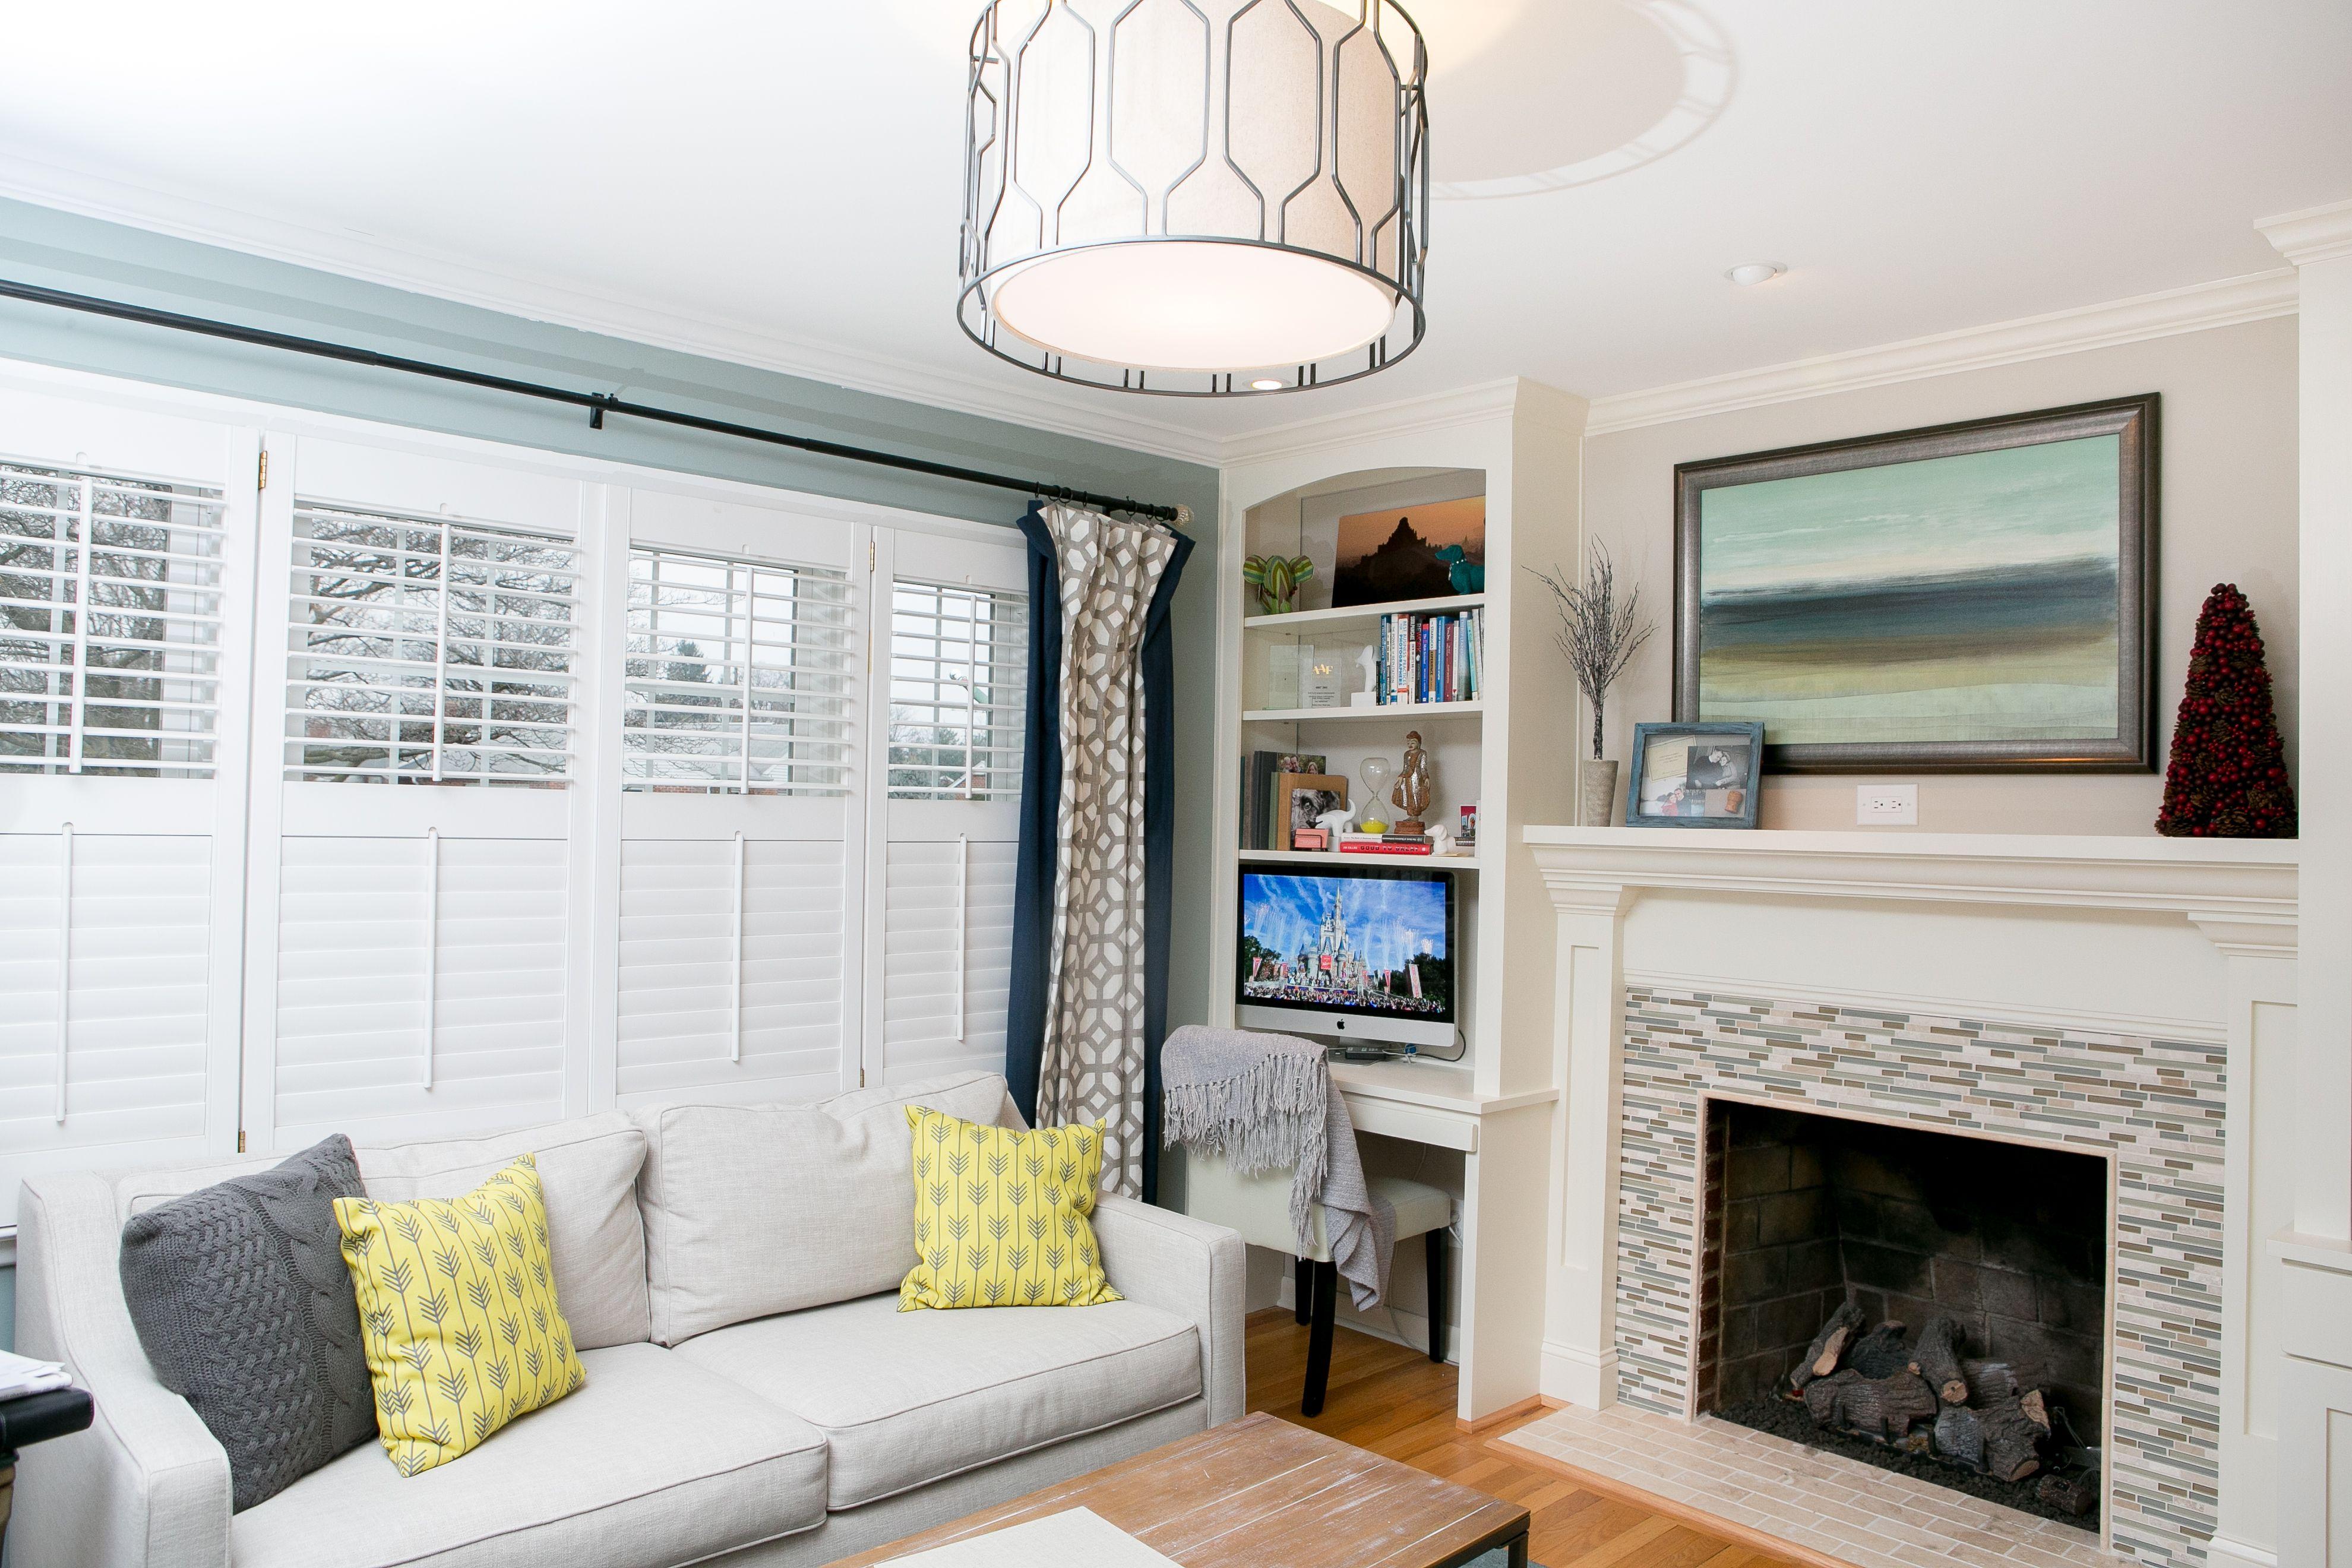 Living Room Office Combination Built In Bookshelves Desk Tv Space And Custom Rectangular Living Rooms Living Room Dining Room Combo Living Room Office Combo #small #narrow #living #room #ideas #with #tv